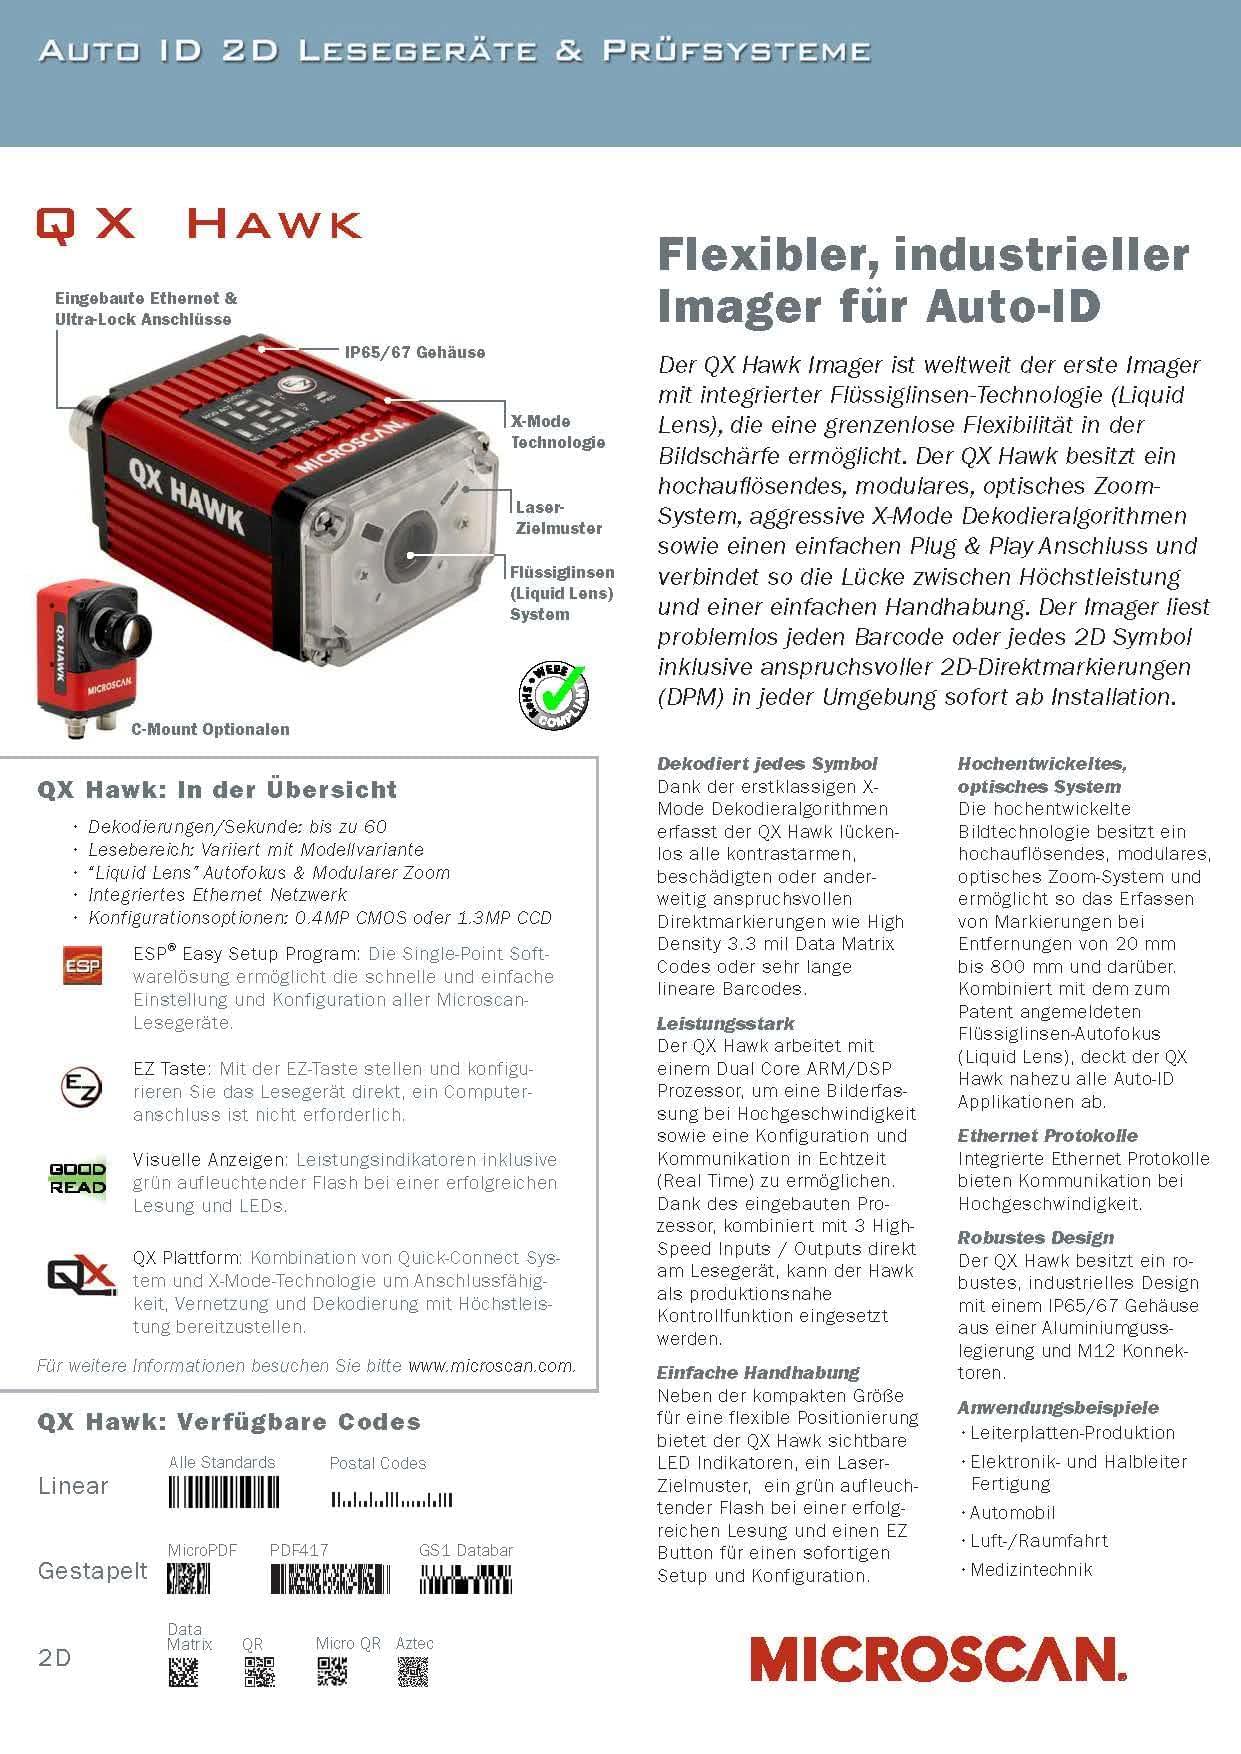 Ausgezeichnet Intelligente Zielvorlage Fotos - Beispiel Anschreiben ...